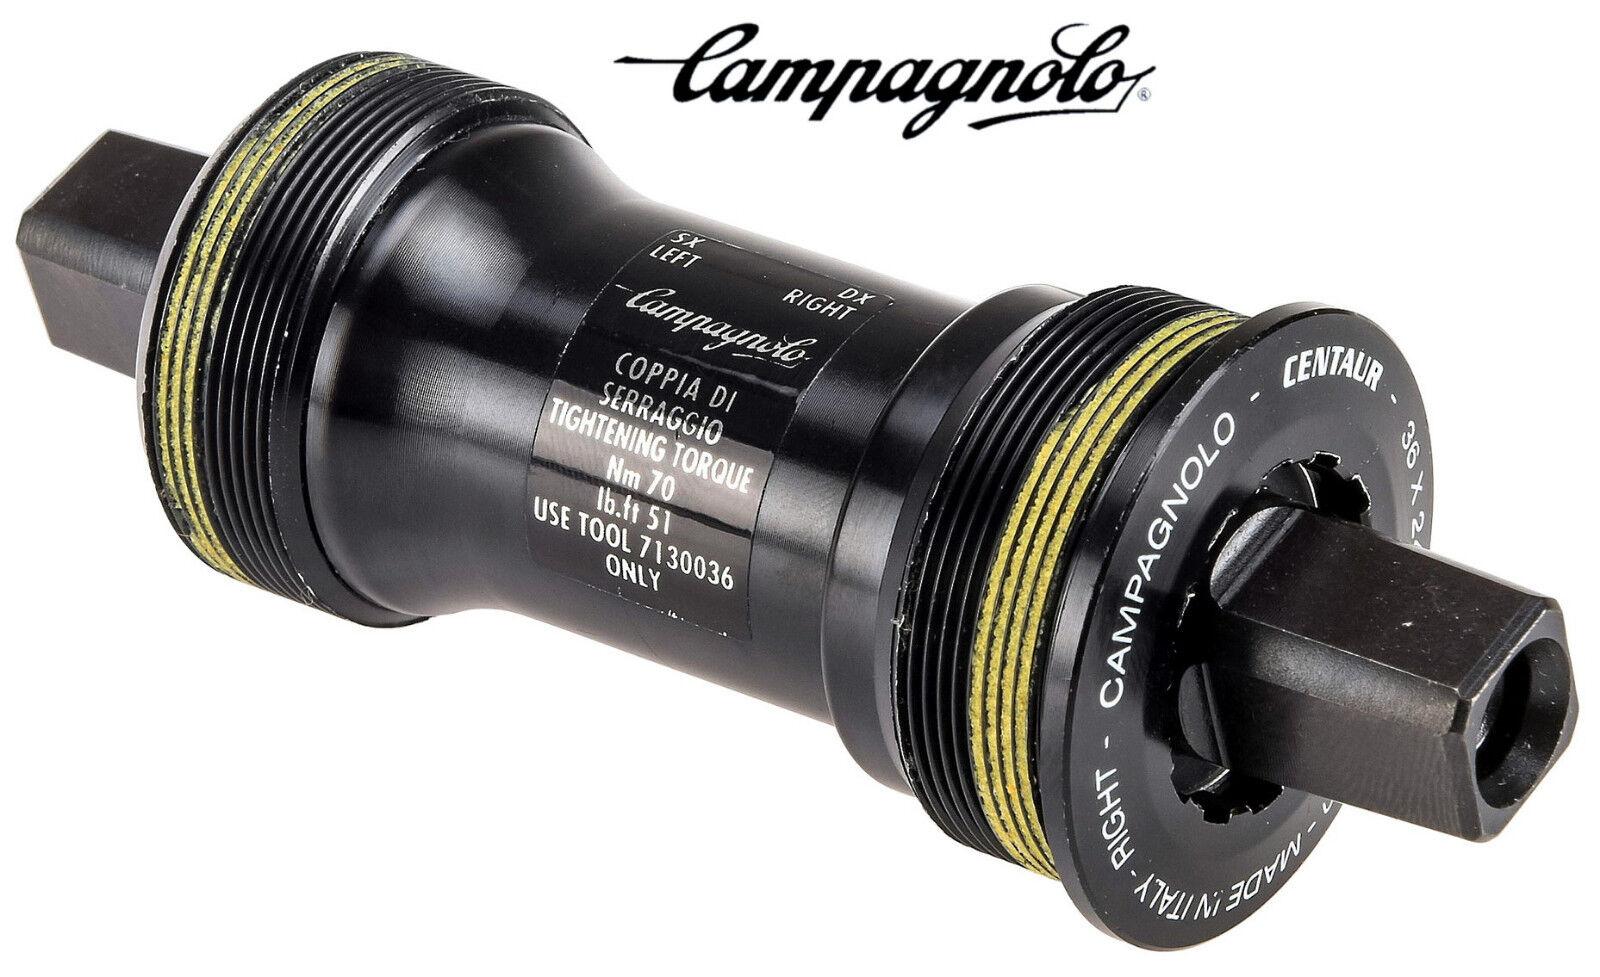 Boitier de pédalier  CAMPAGNOLO CENTAUR Cocheré 36x24 (Italien) - 115.5mm  alta calidad